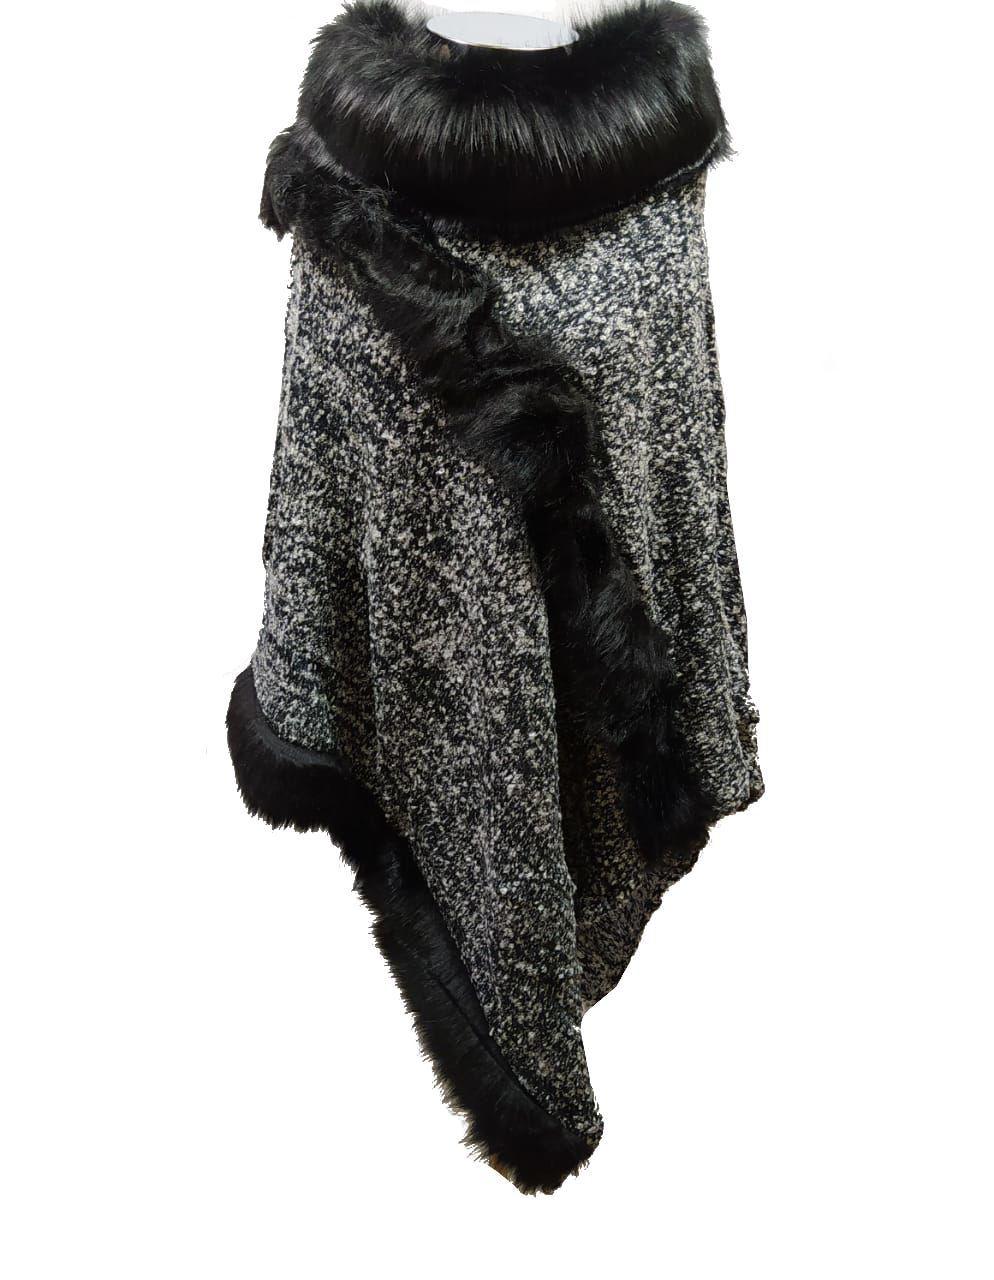 Poncho Feminino com Pelo Alto  REF:20716